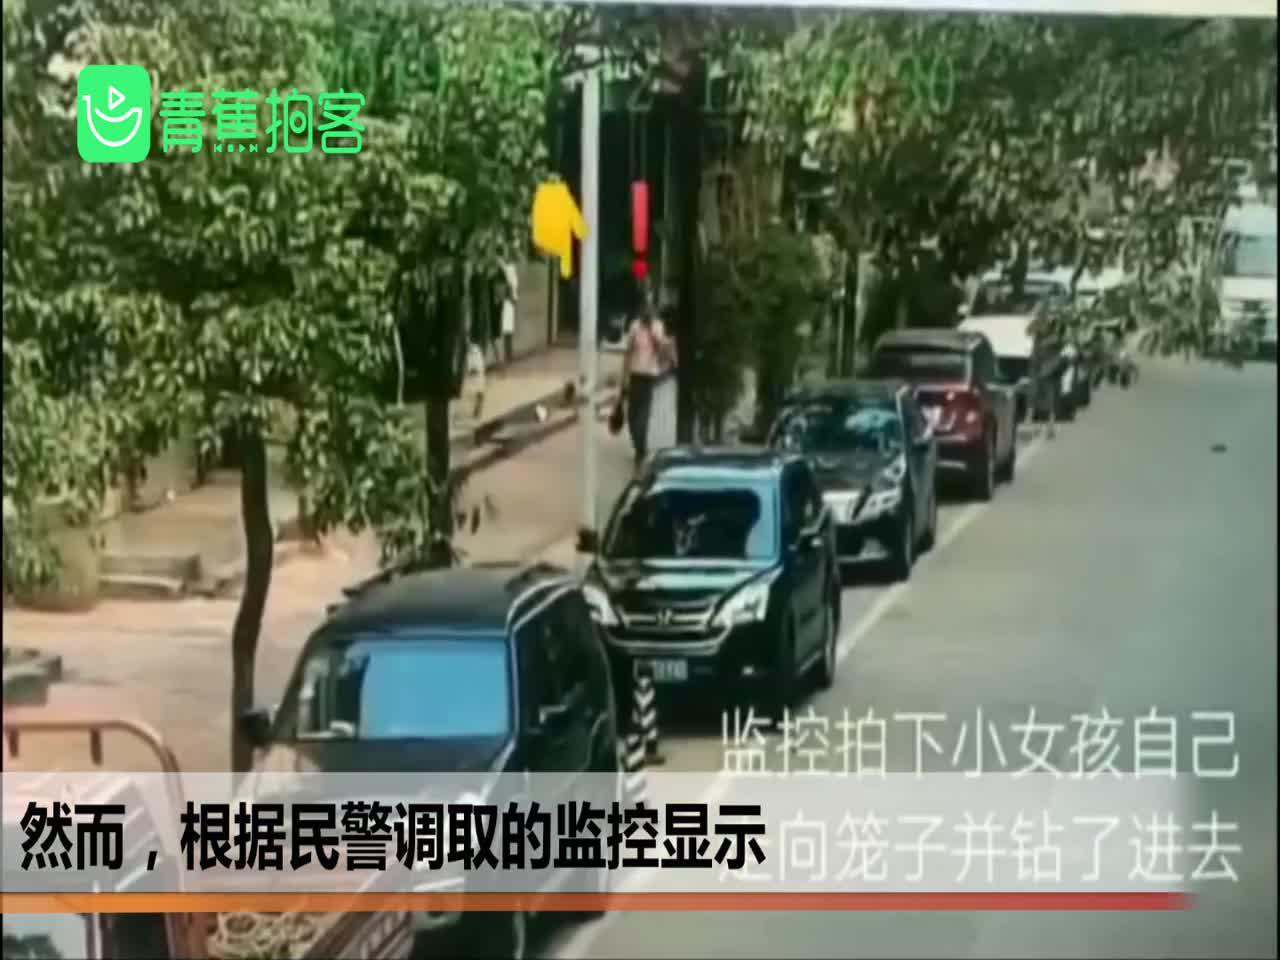 网爆幼女被关铁笼囚禁?浙江金华公安:系谣传